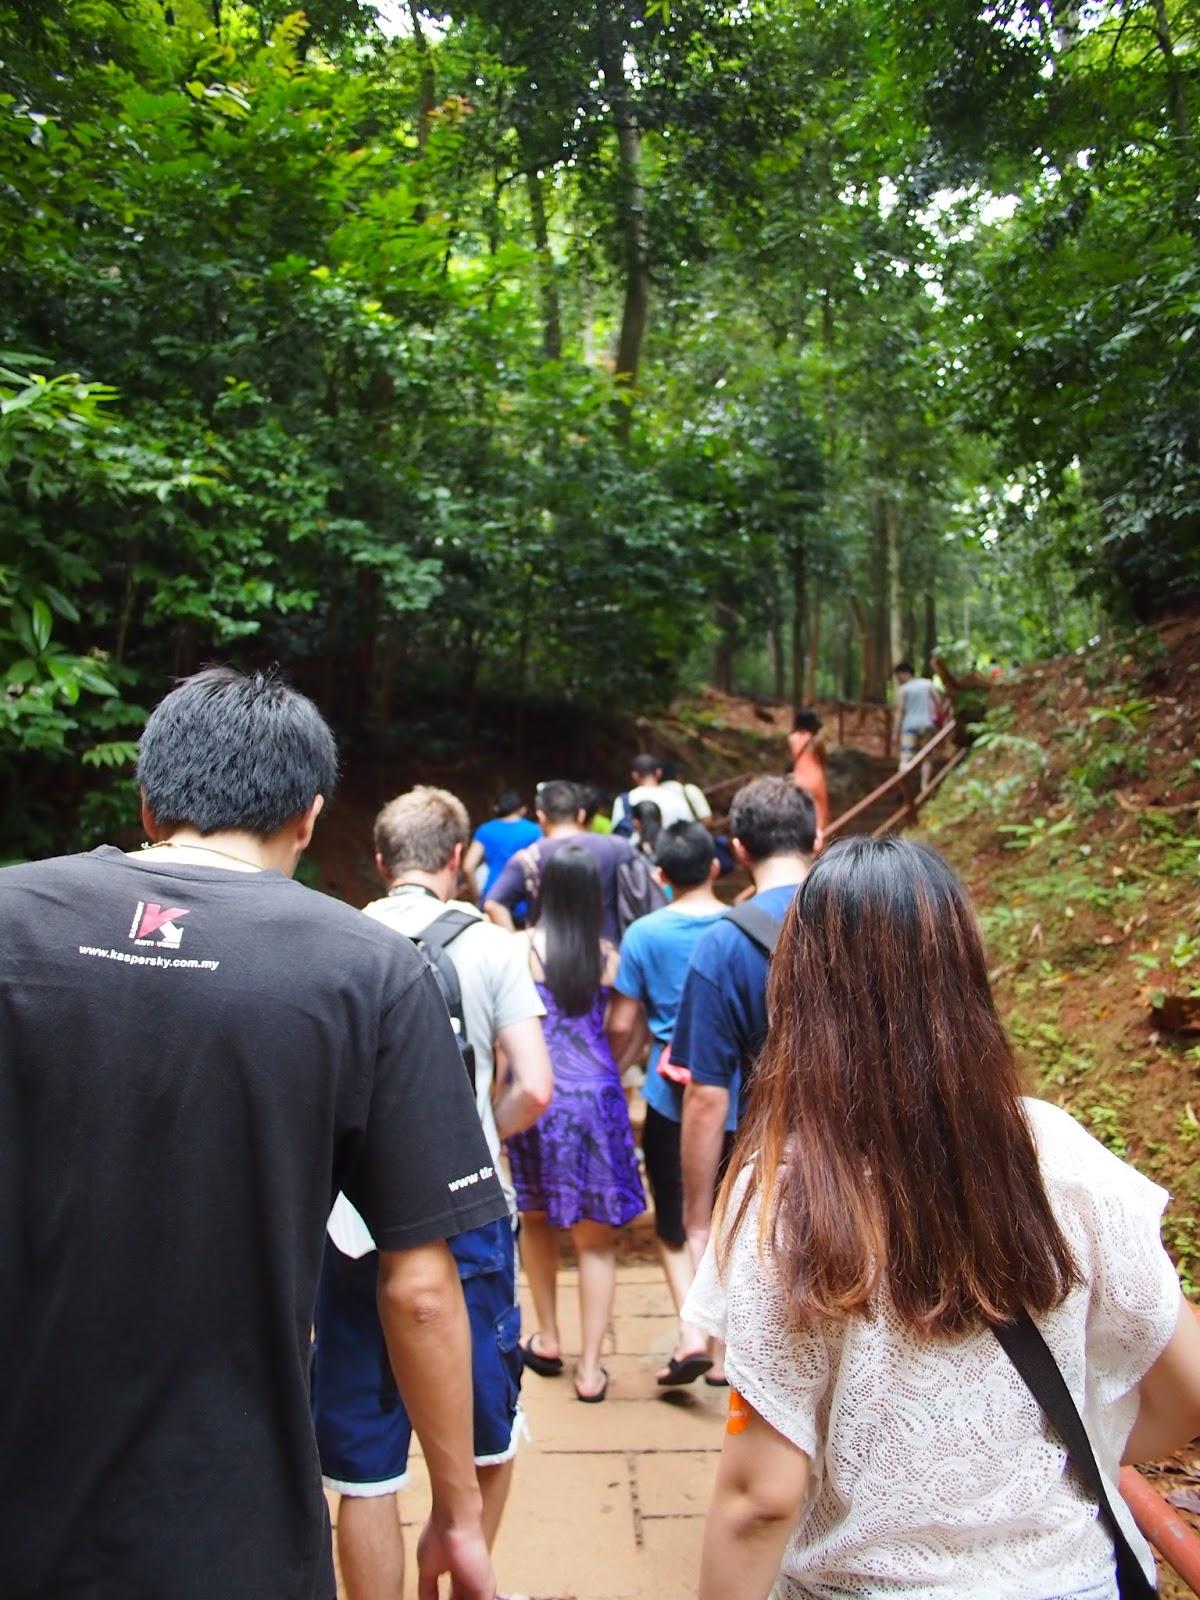 trip to pulau langkawi with family 1st family trip ke pulau langkawi (6 jun 2013 - 8 jun 2013) seronok sbb ramai ahli keluarga yg 1st time ke langkawi dan 1st time naik flight.